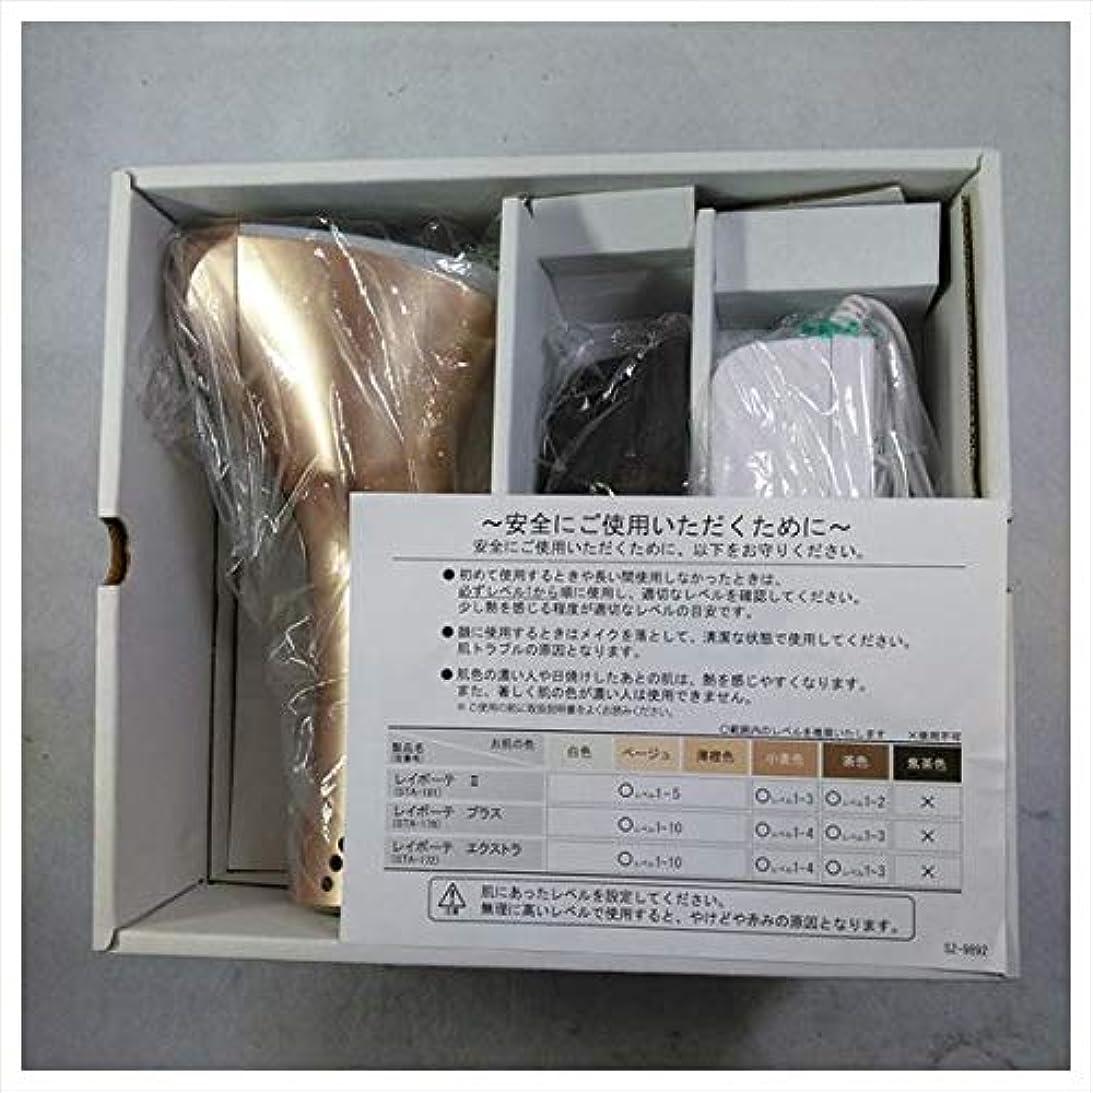 便利さ常に異常ヤーマン レイボーテ プラス STA-178【日本製】